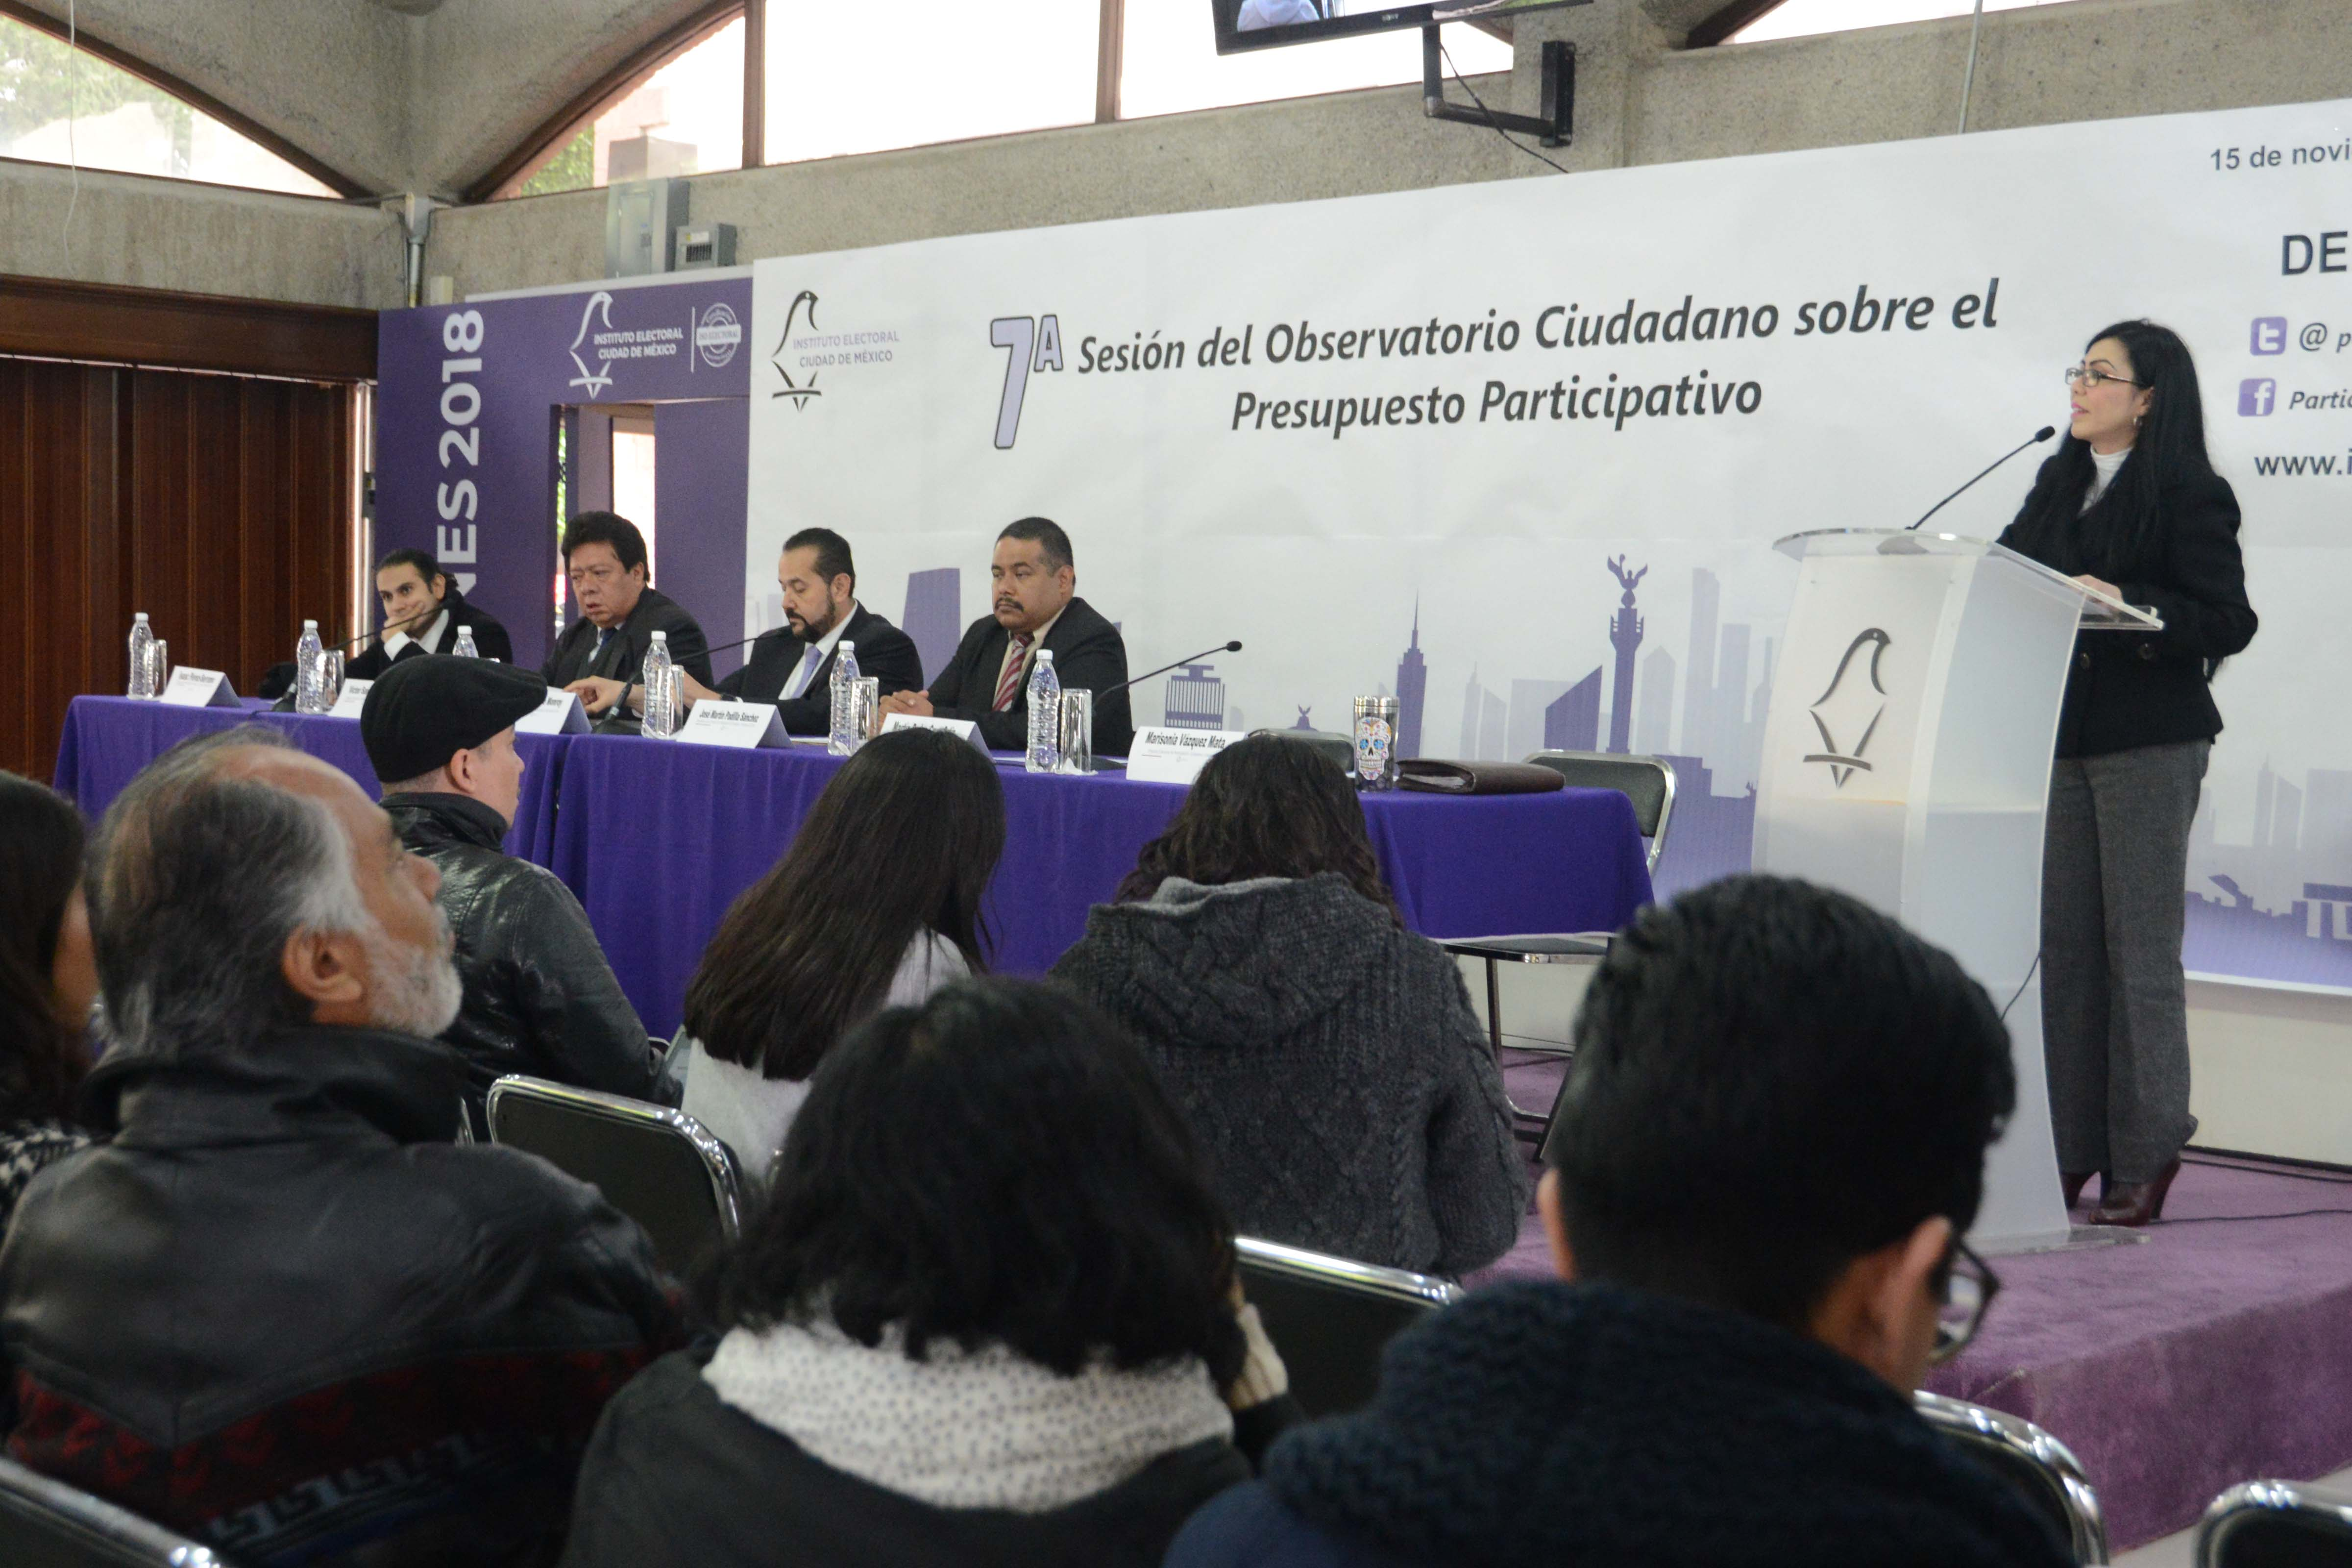 Registran 11 demarcaciones incremento en participación en Consulta Ciudadana sobre Presupuesto Participativo 2019